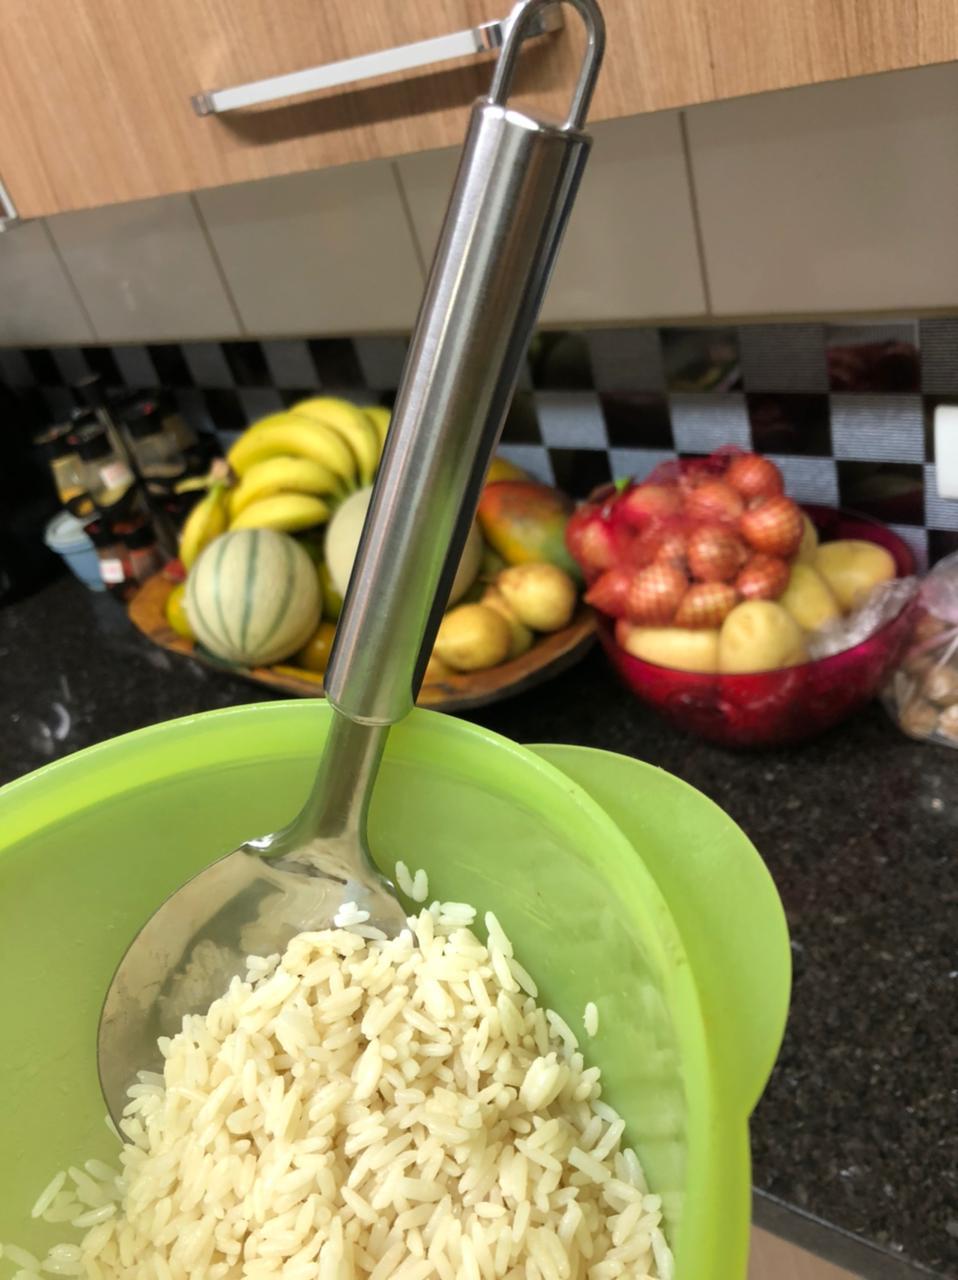 colher de arroz cozinha grande para arroz utensilio em aço inox 27cm